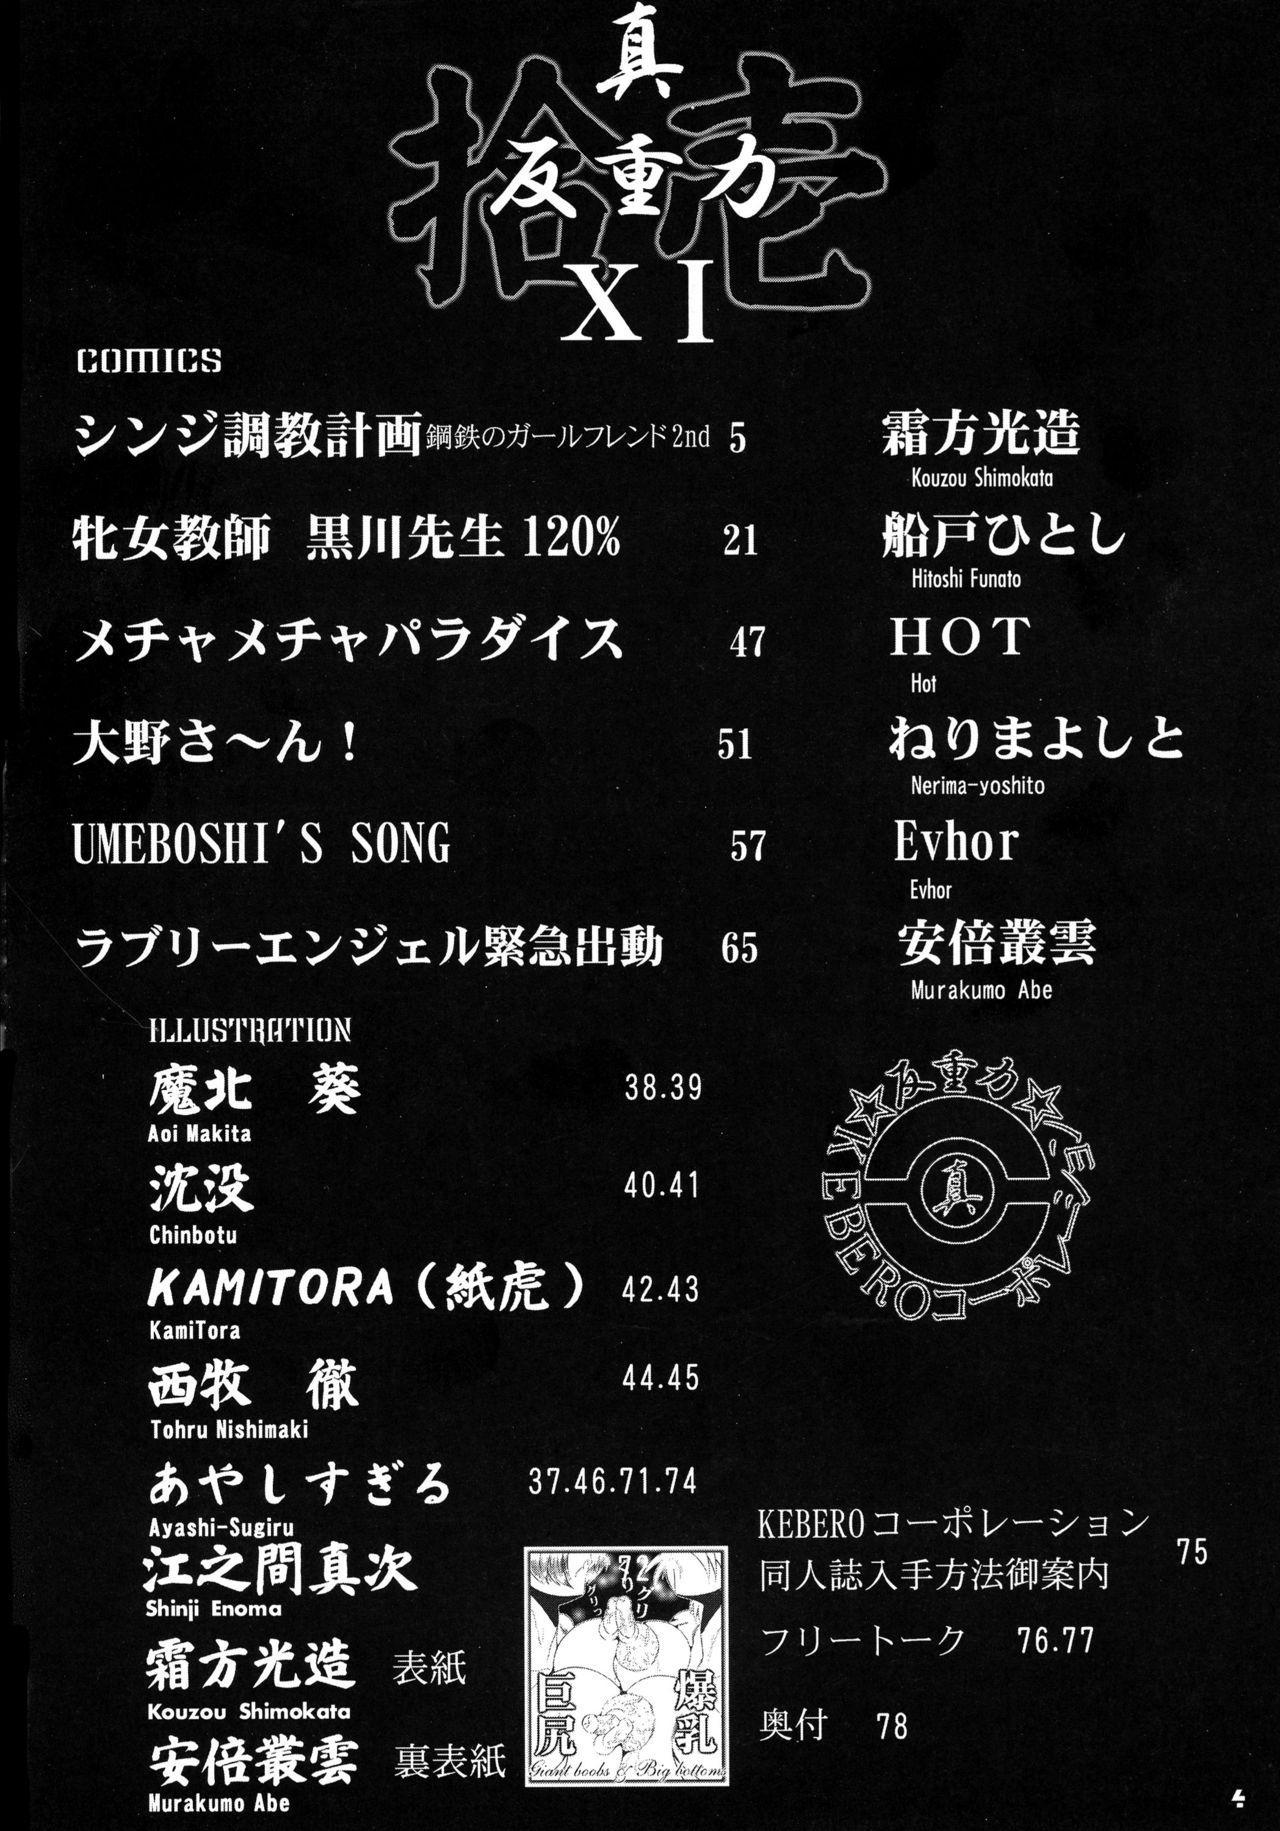 Shin Hanzyuuryoku XI 3